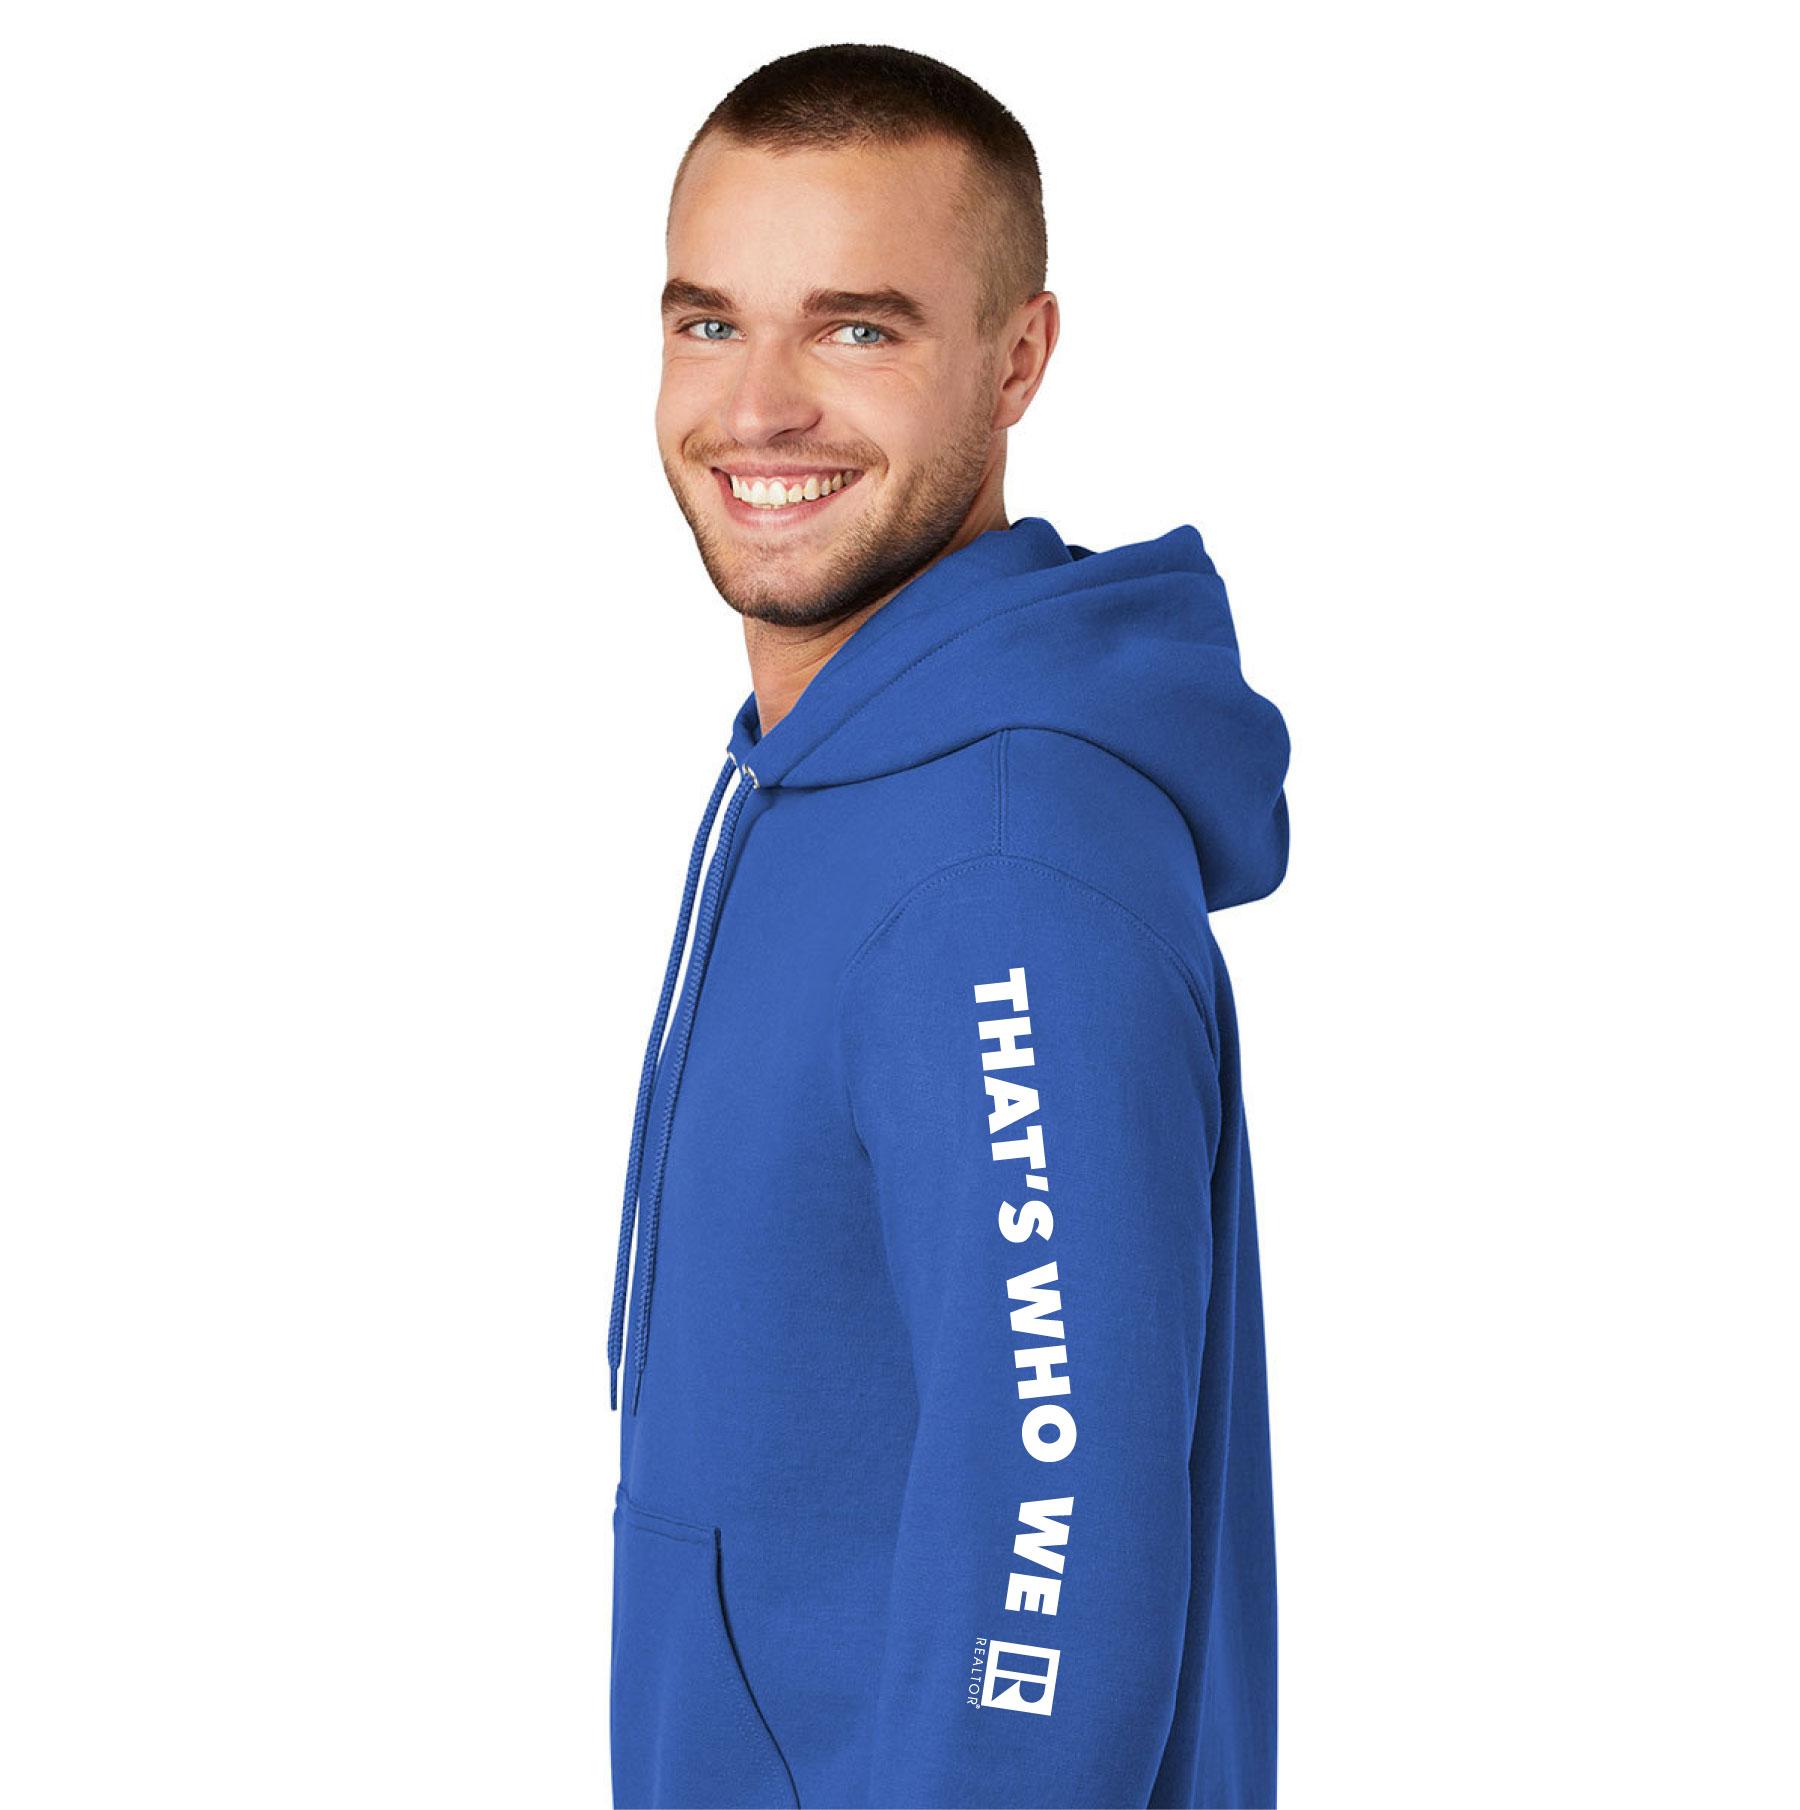 Fair Housing Hoodie Sweatshirt - FH1002